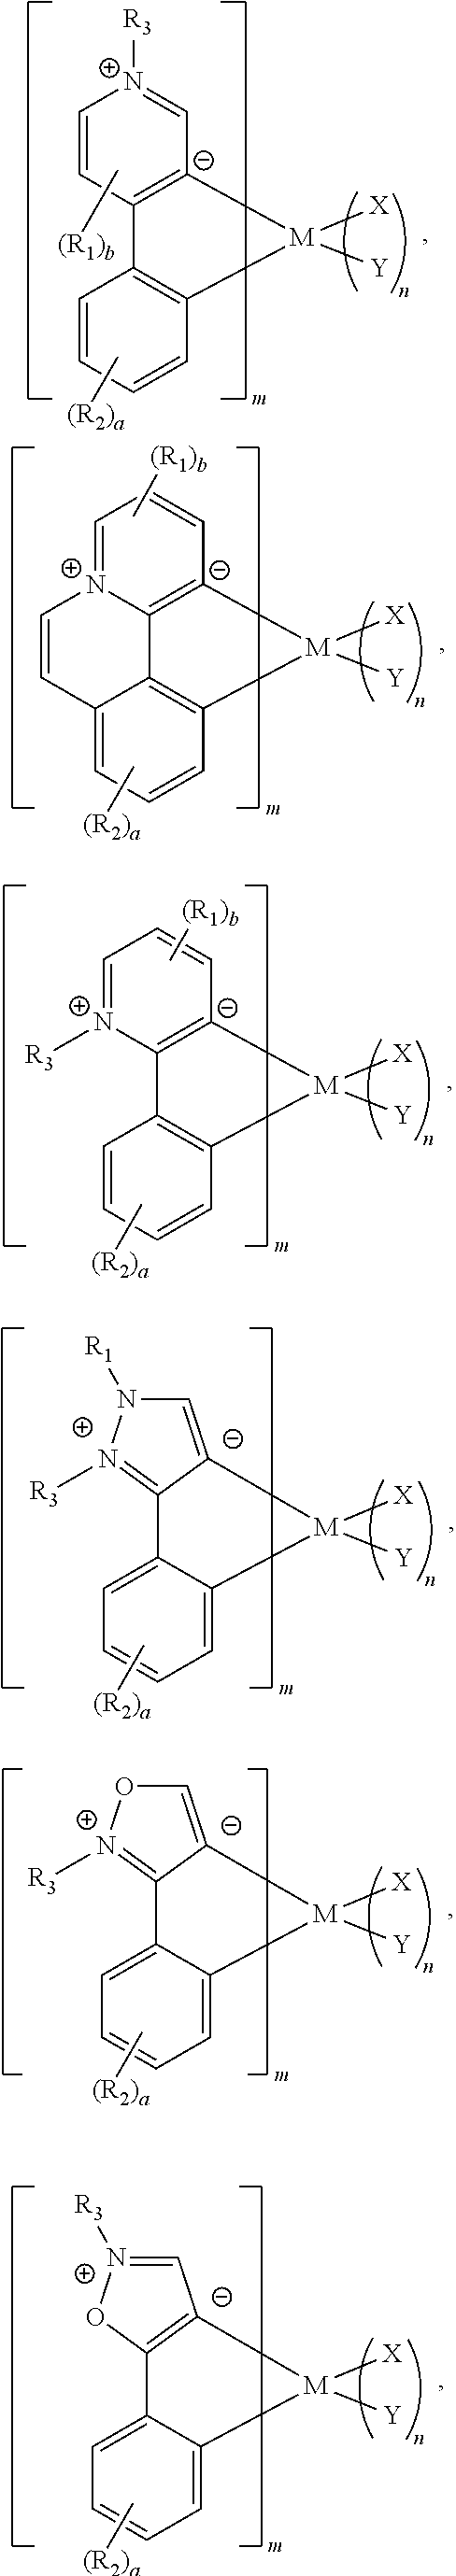 Figure US08114533-20120214-C00008